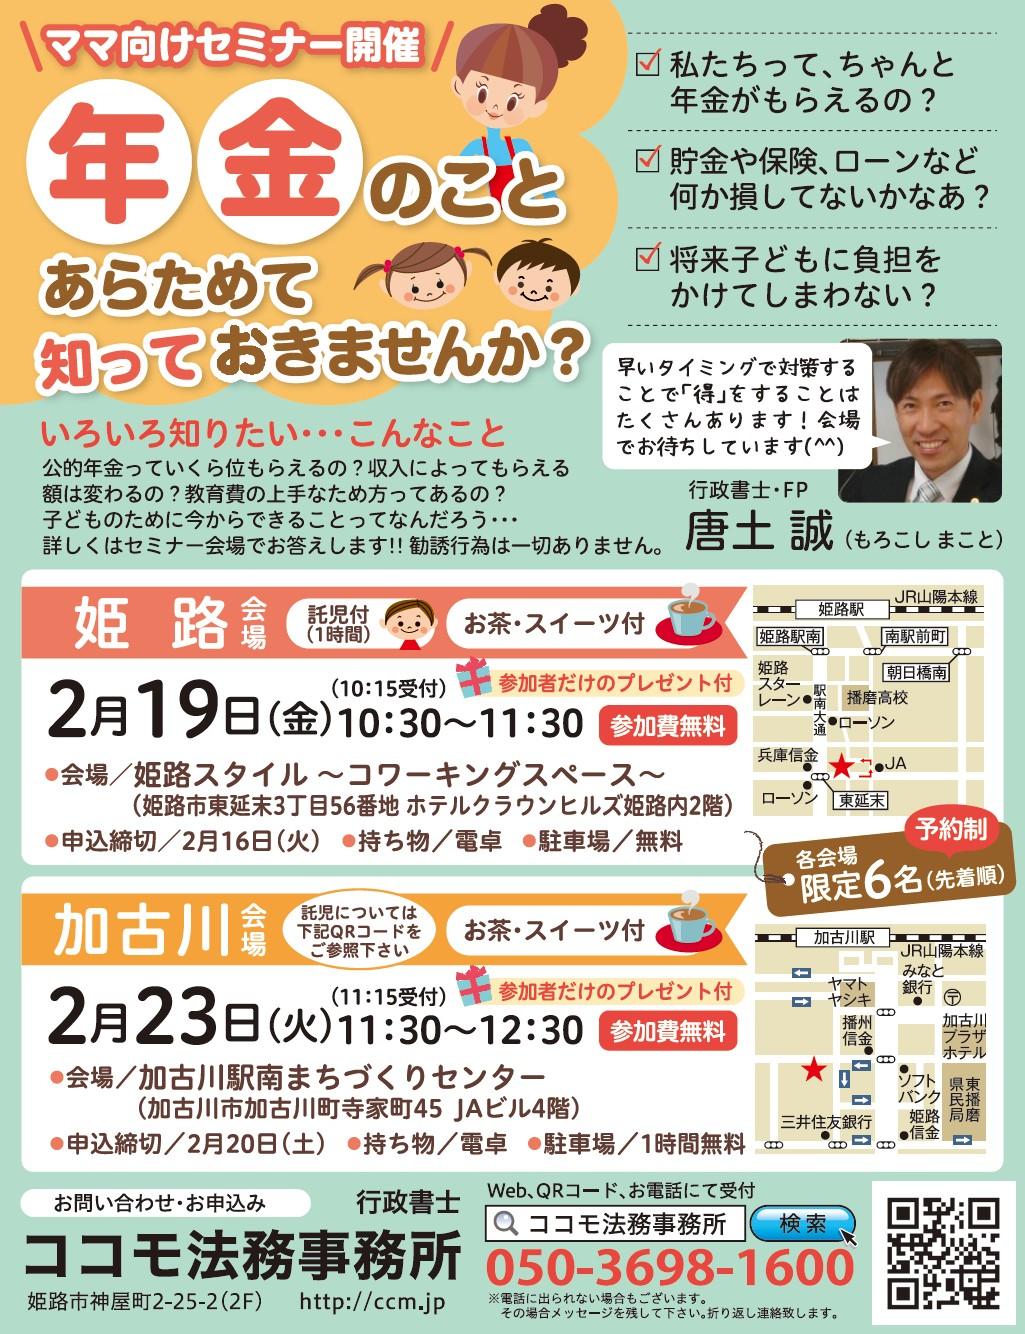 【無料】年金セミナー(姫路・加古川で開催)